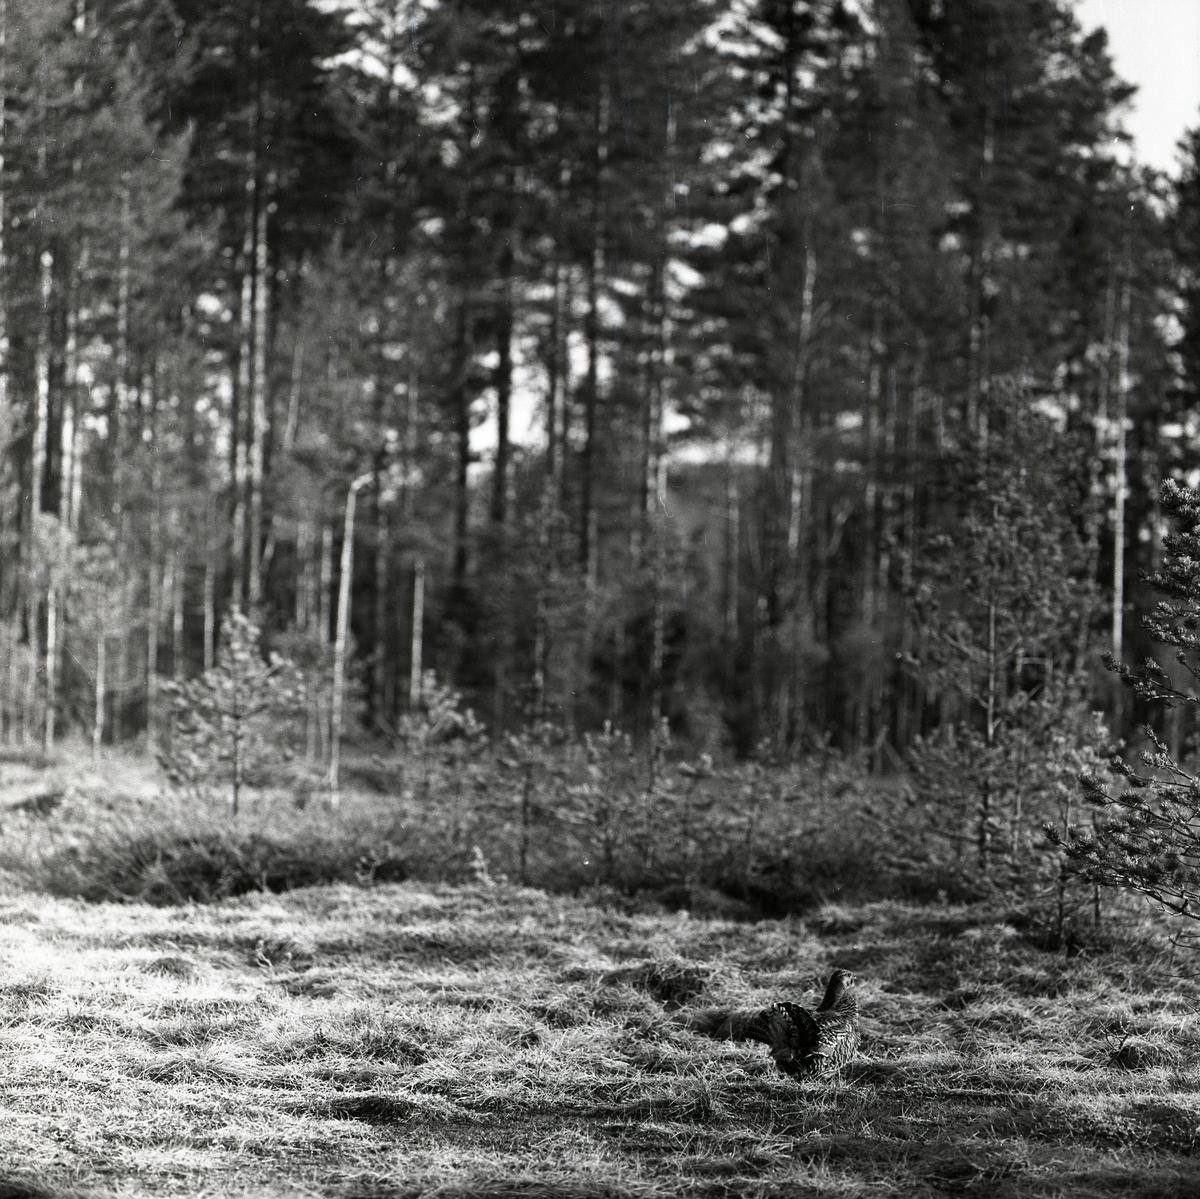 En orrhöna med utspridda stjärtfjädrar står i ett skogsbryn.